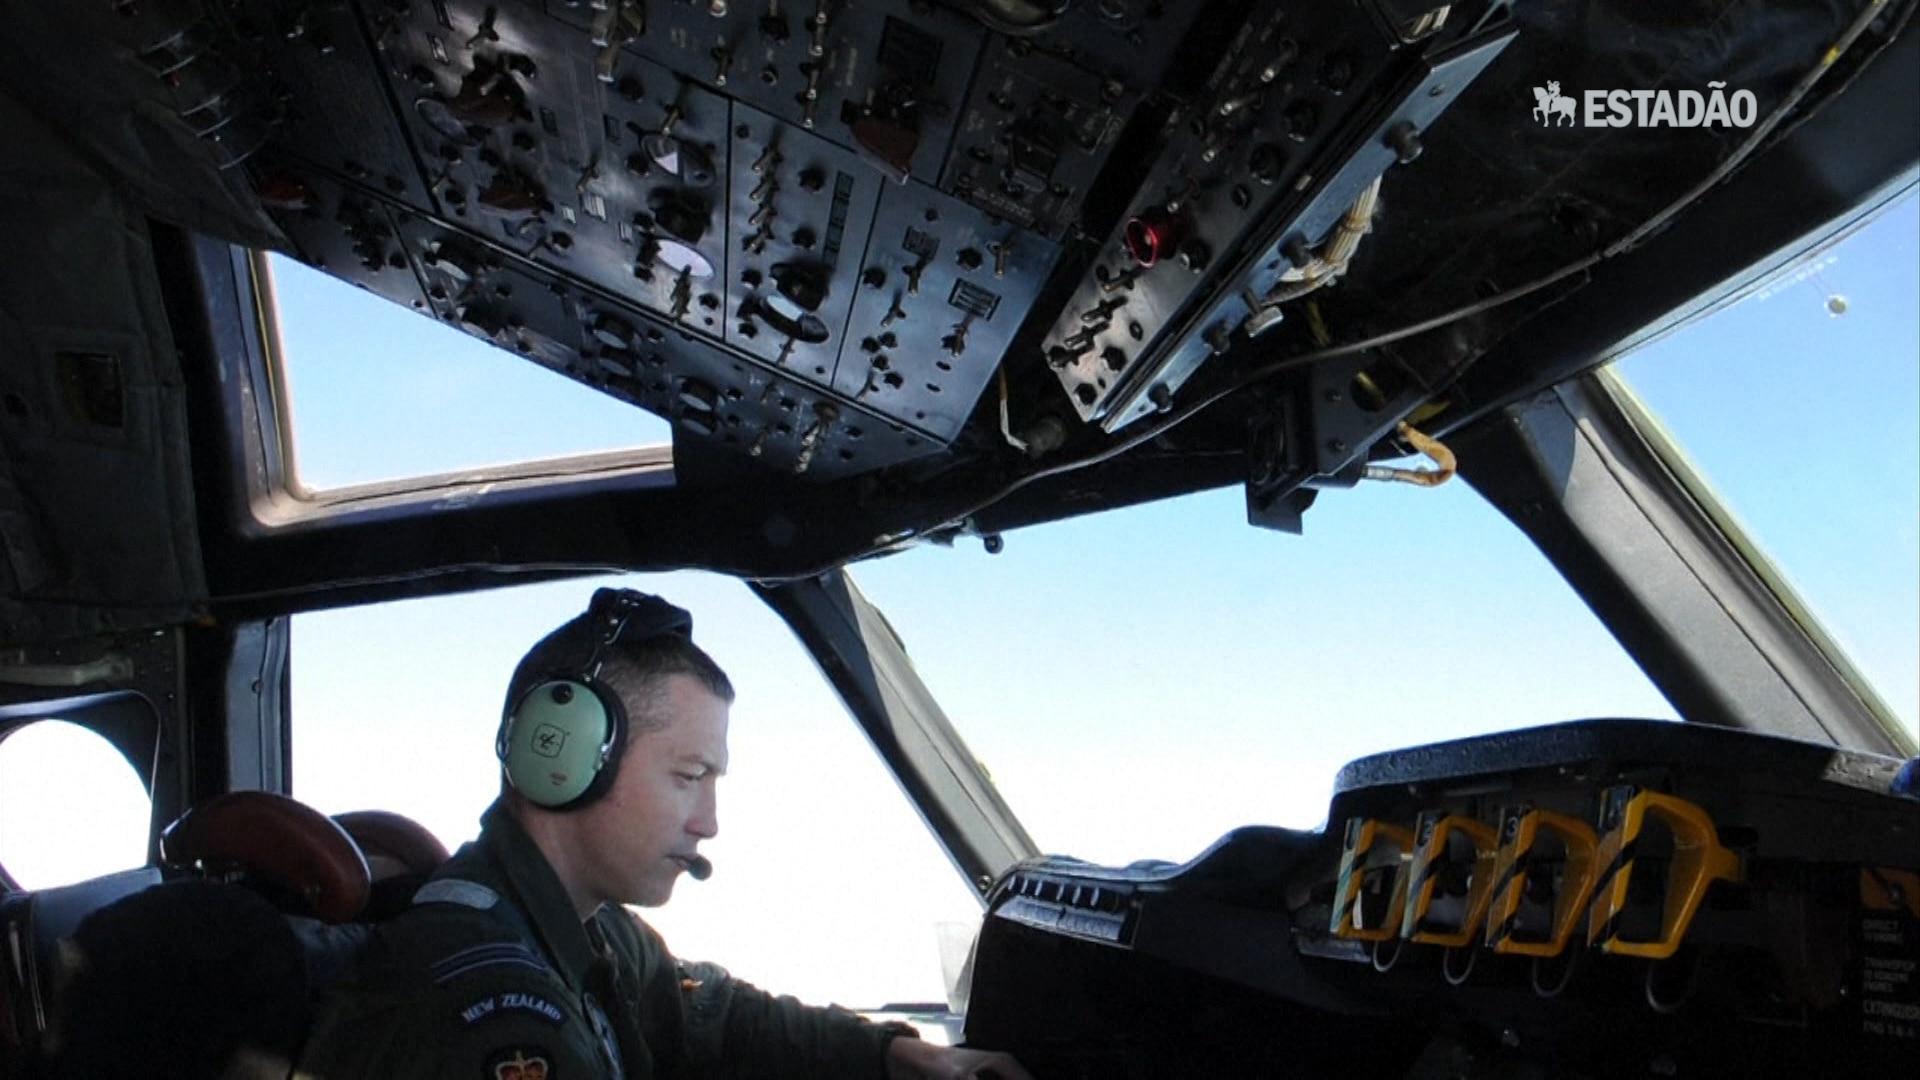 Buscas do voo da Malaysia Airlines suspensas